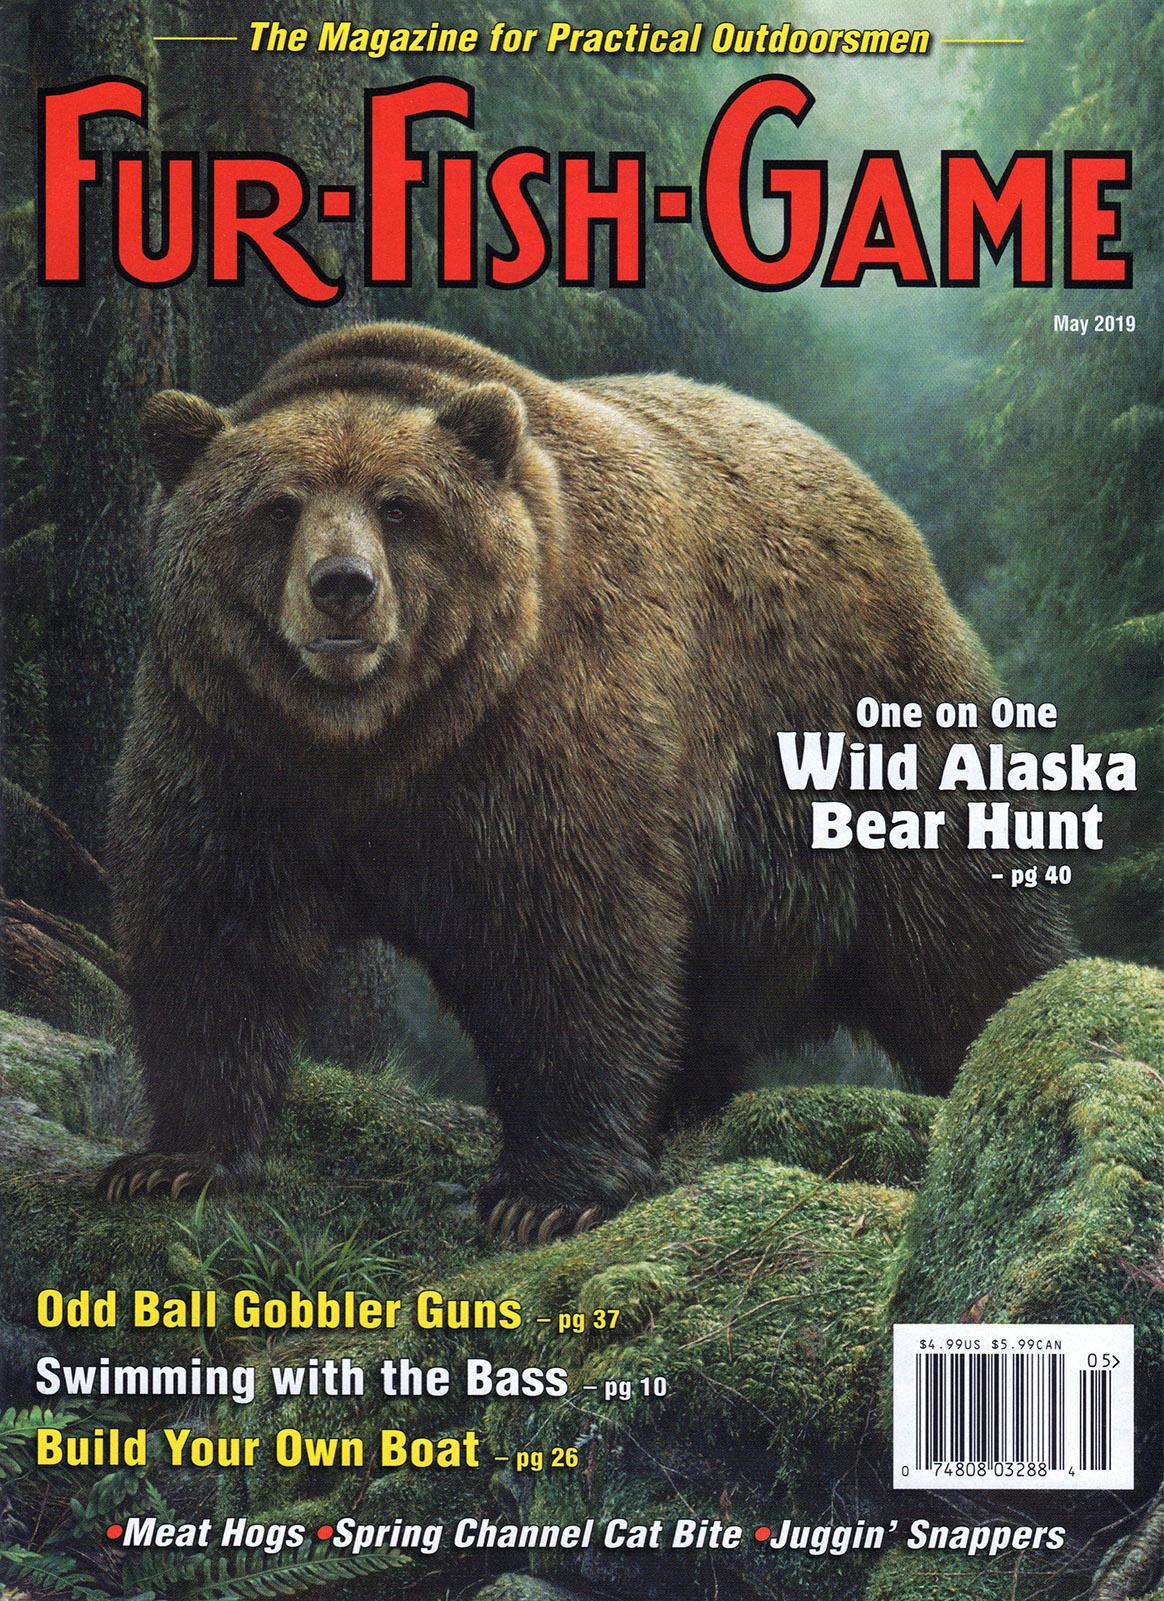 Fur Fish Game